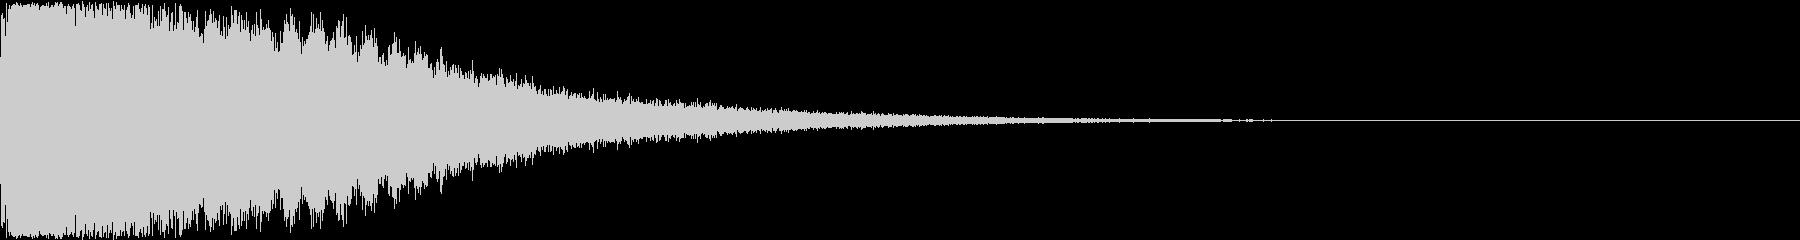 刀 剣 ソード カキーン キュイーン09の未再生の波形